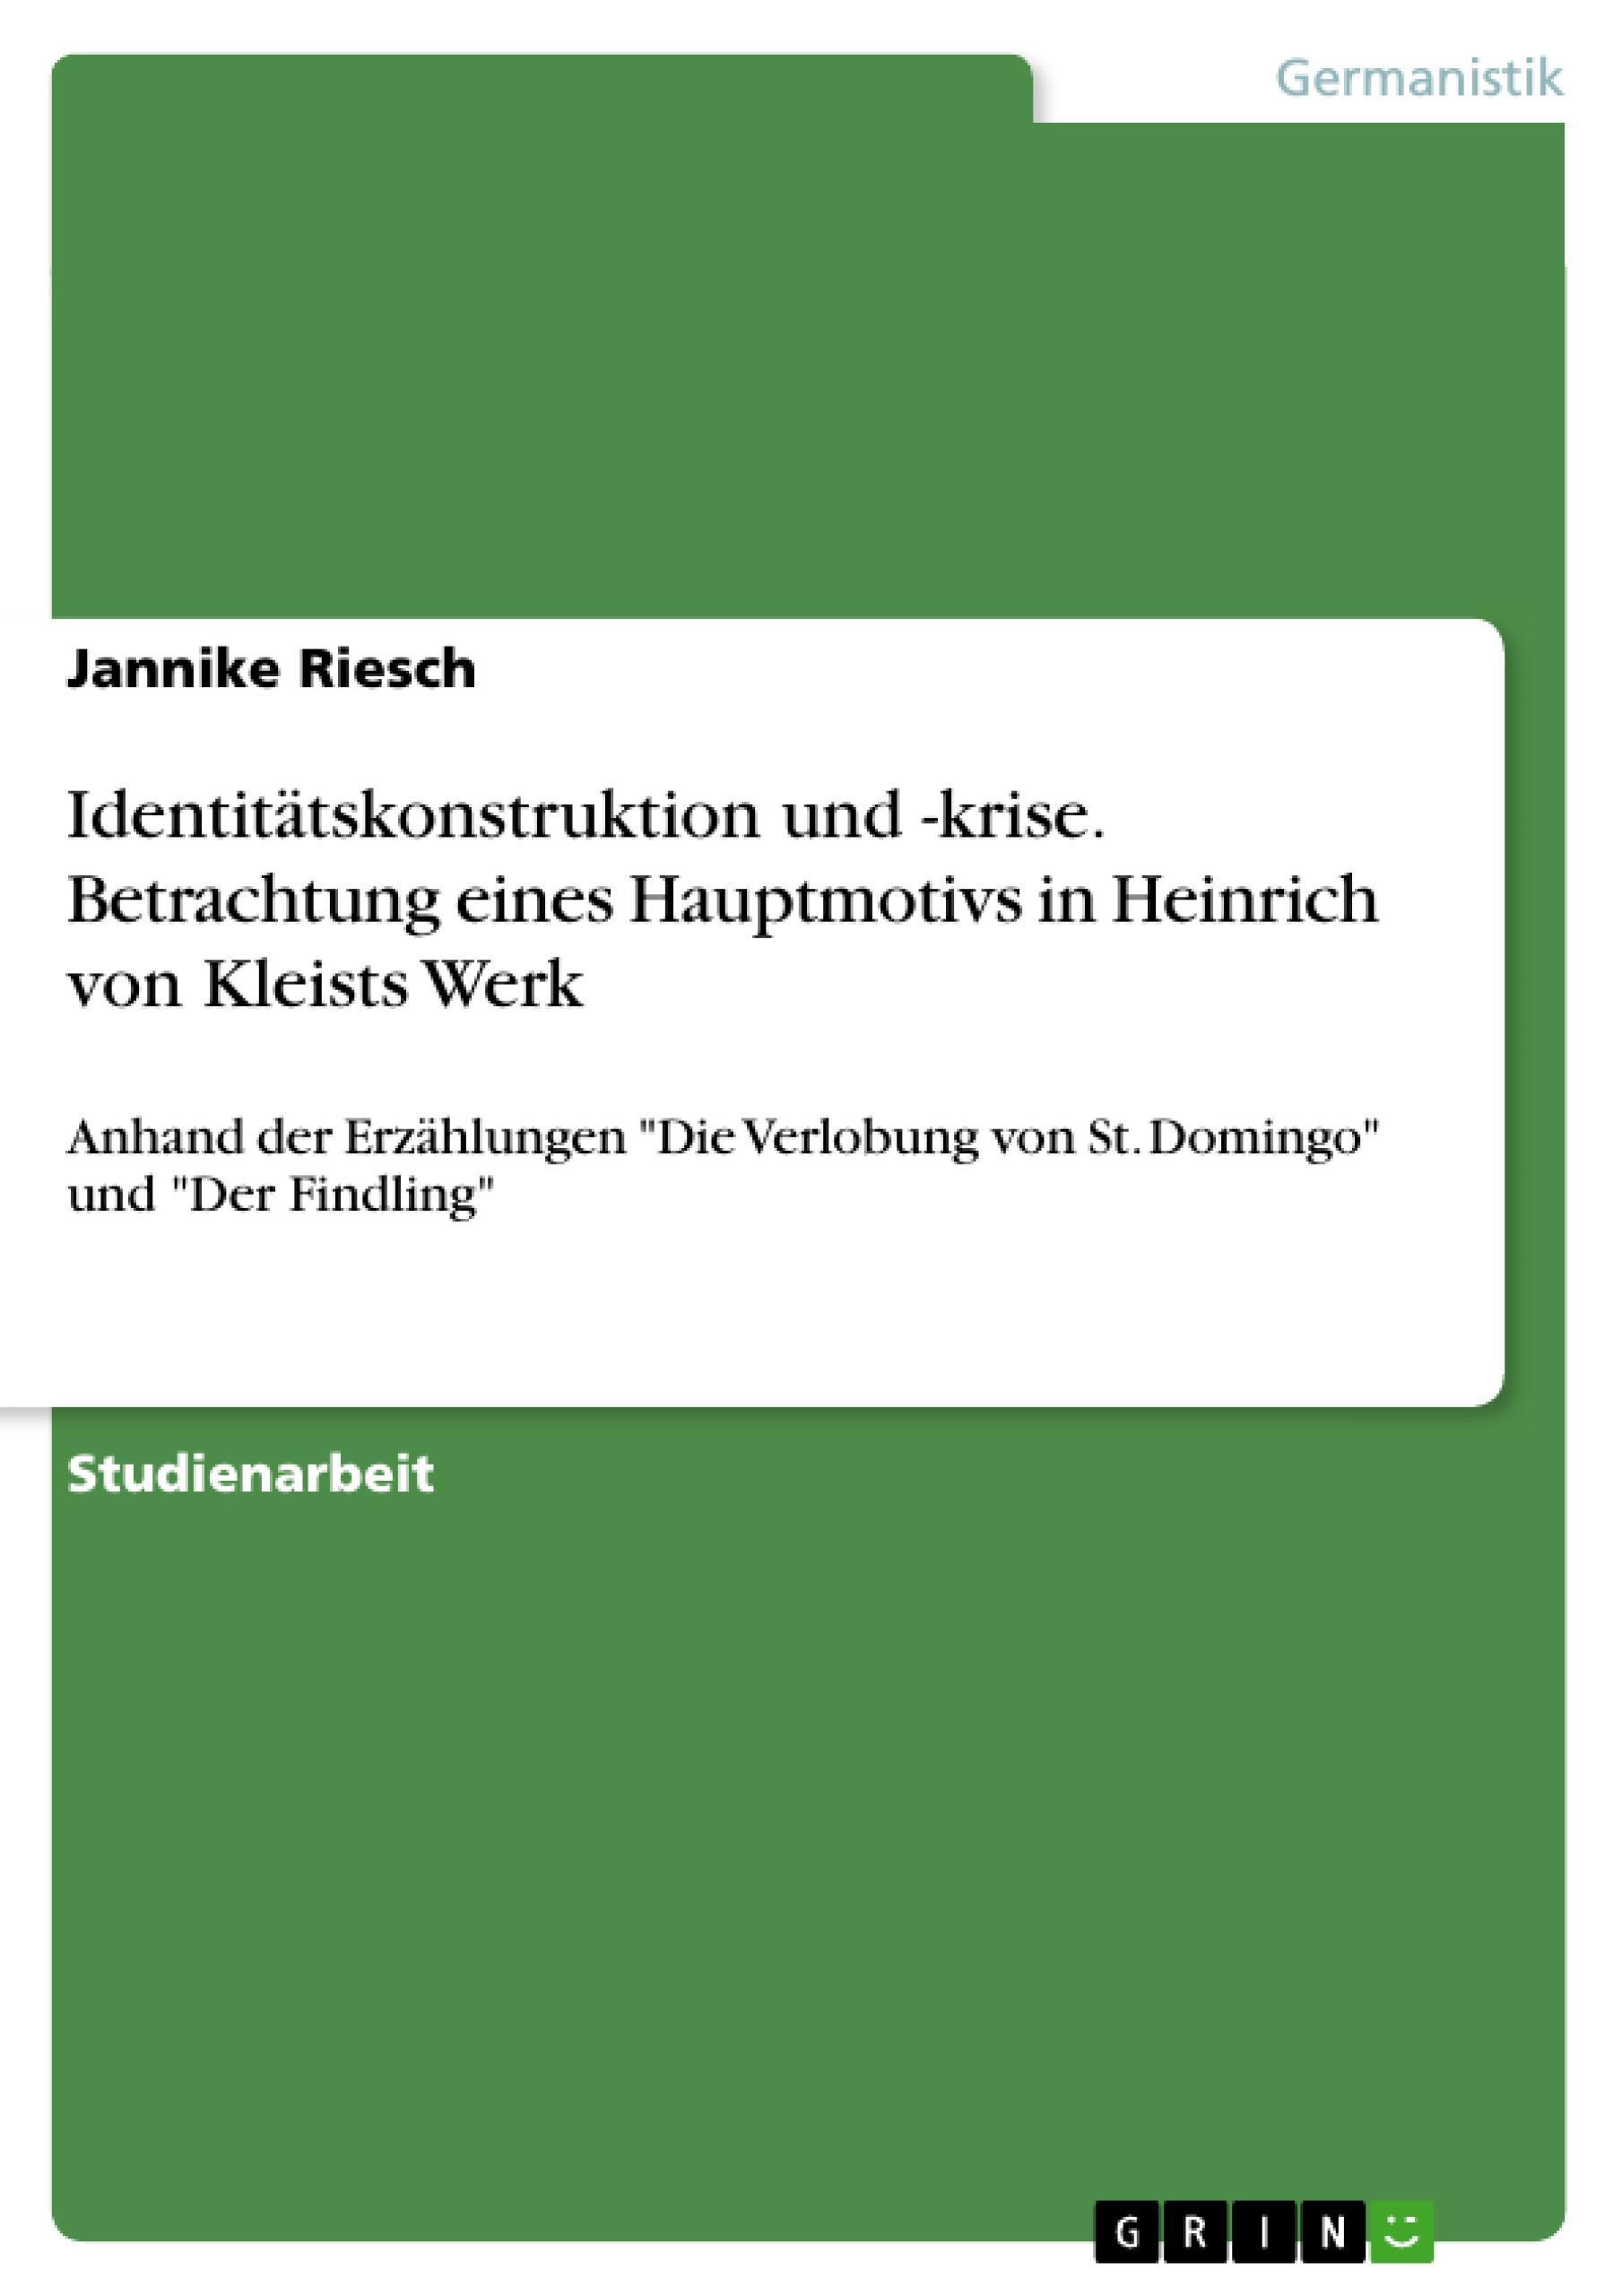 Identitätskonstruktion und -krise. Betrachtung eines Hauptmotivs in Heinric ...